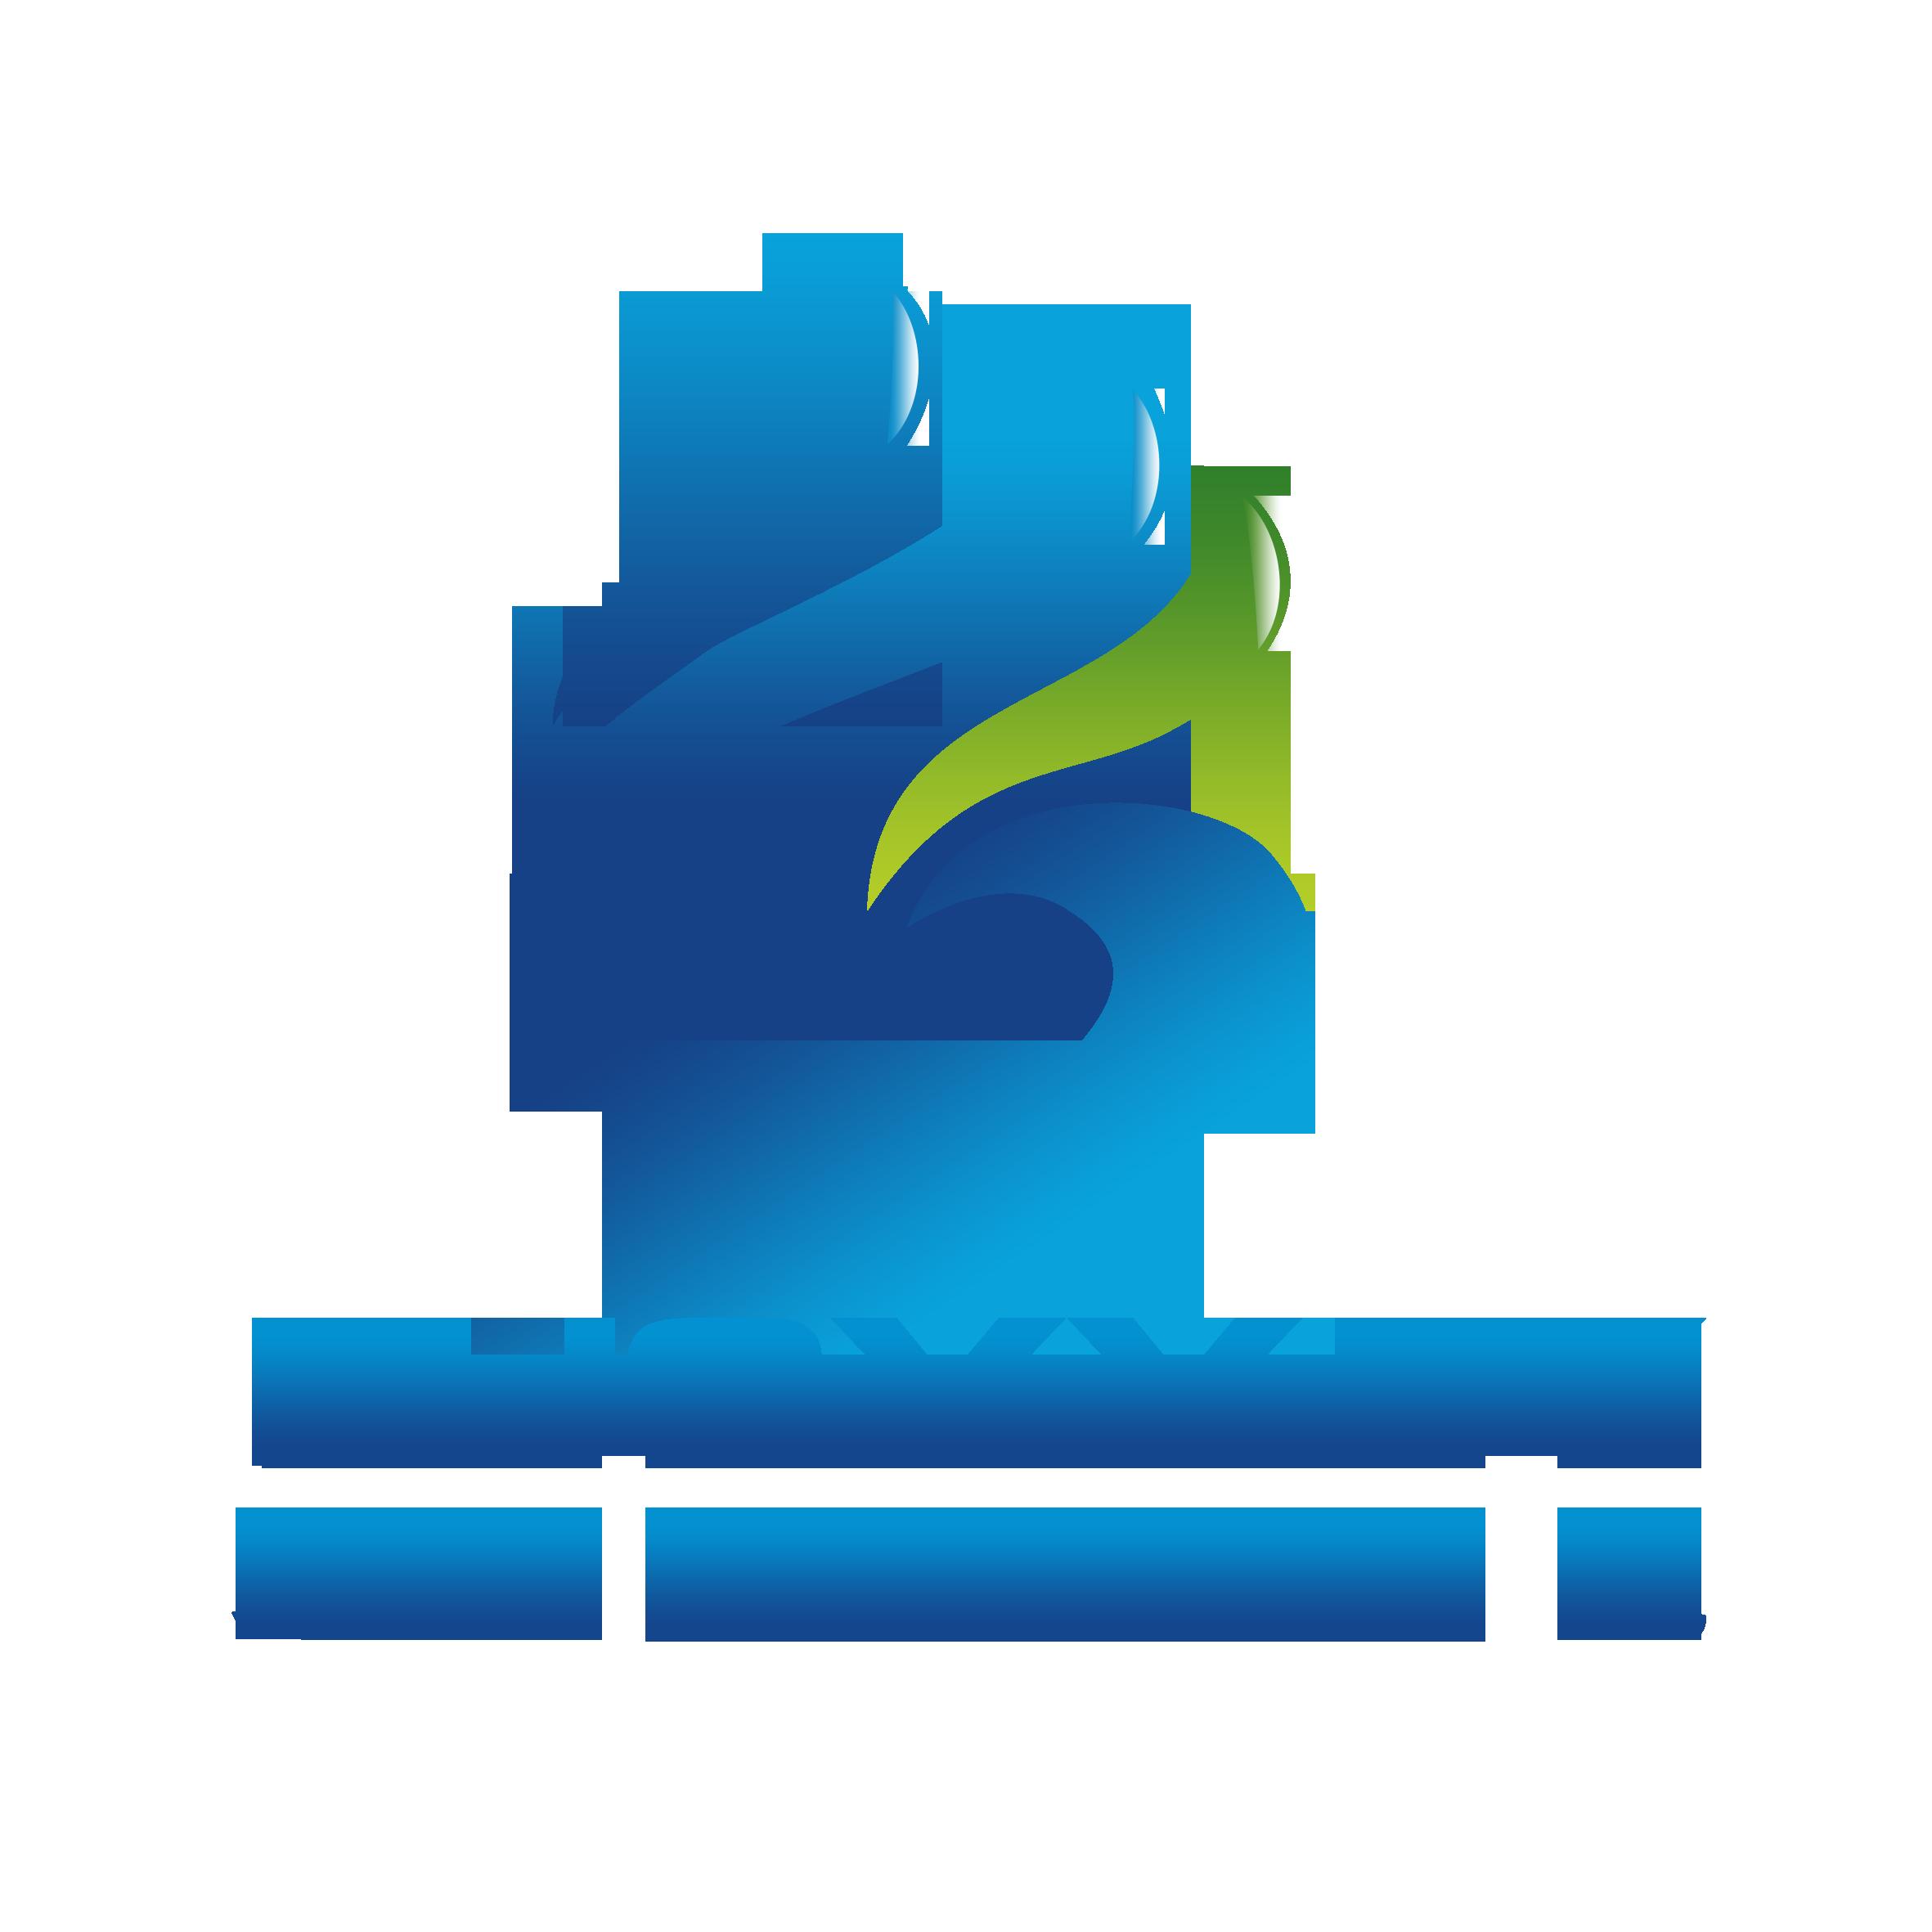 中国聚氯乙烯工业市场发展前景预测及投资策略分析报告2017-2022年